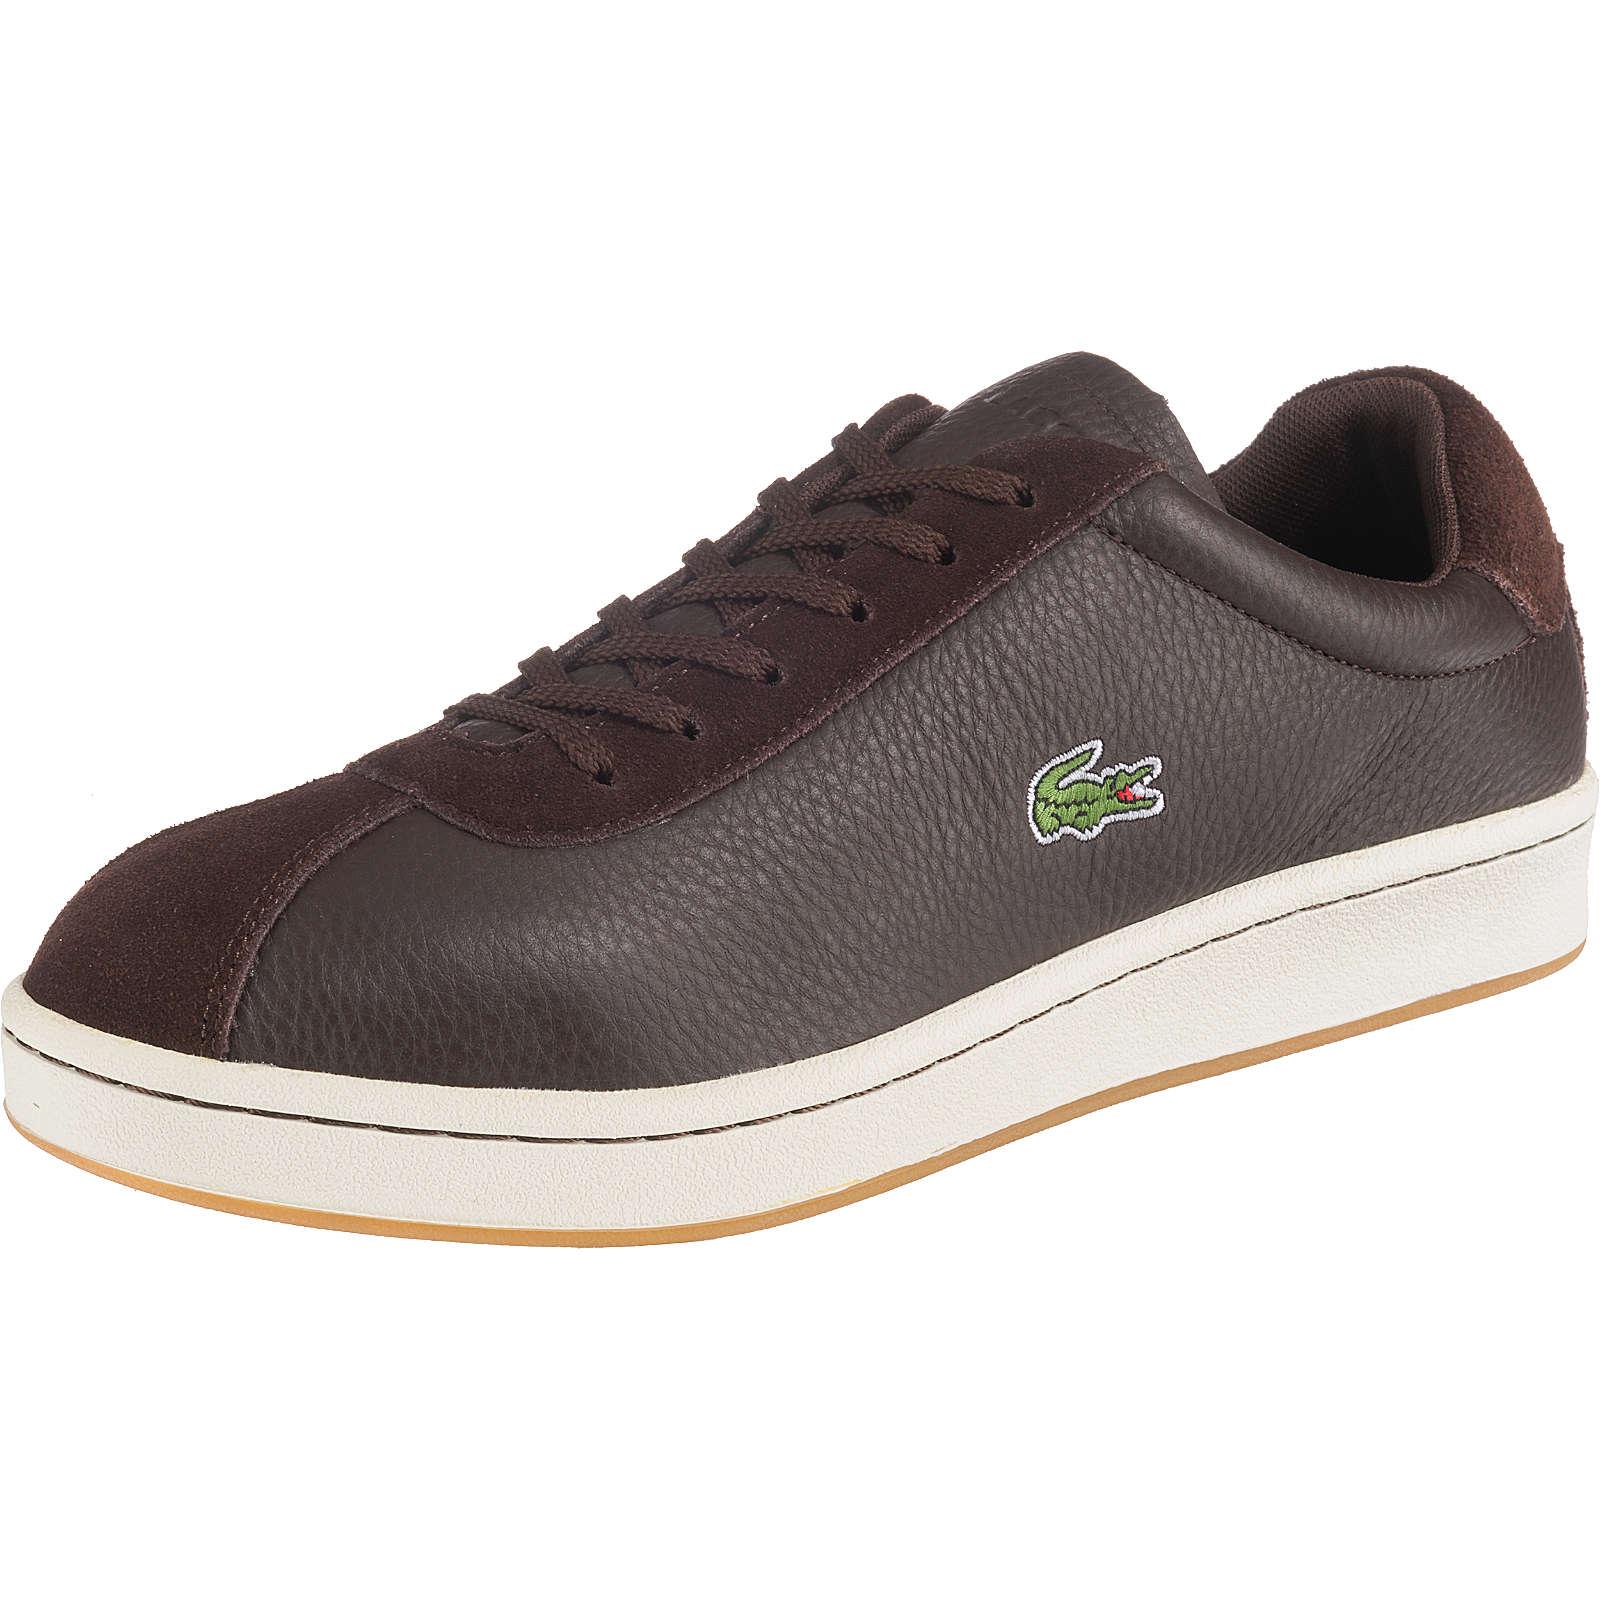 LACOSTE Masters Sneakers Low braun Herren Gr. 44,5